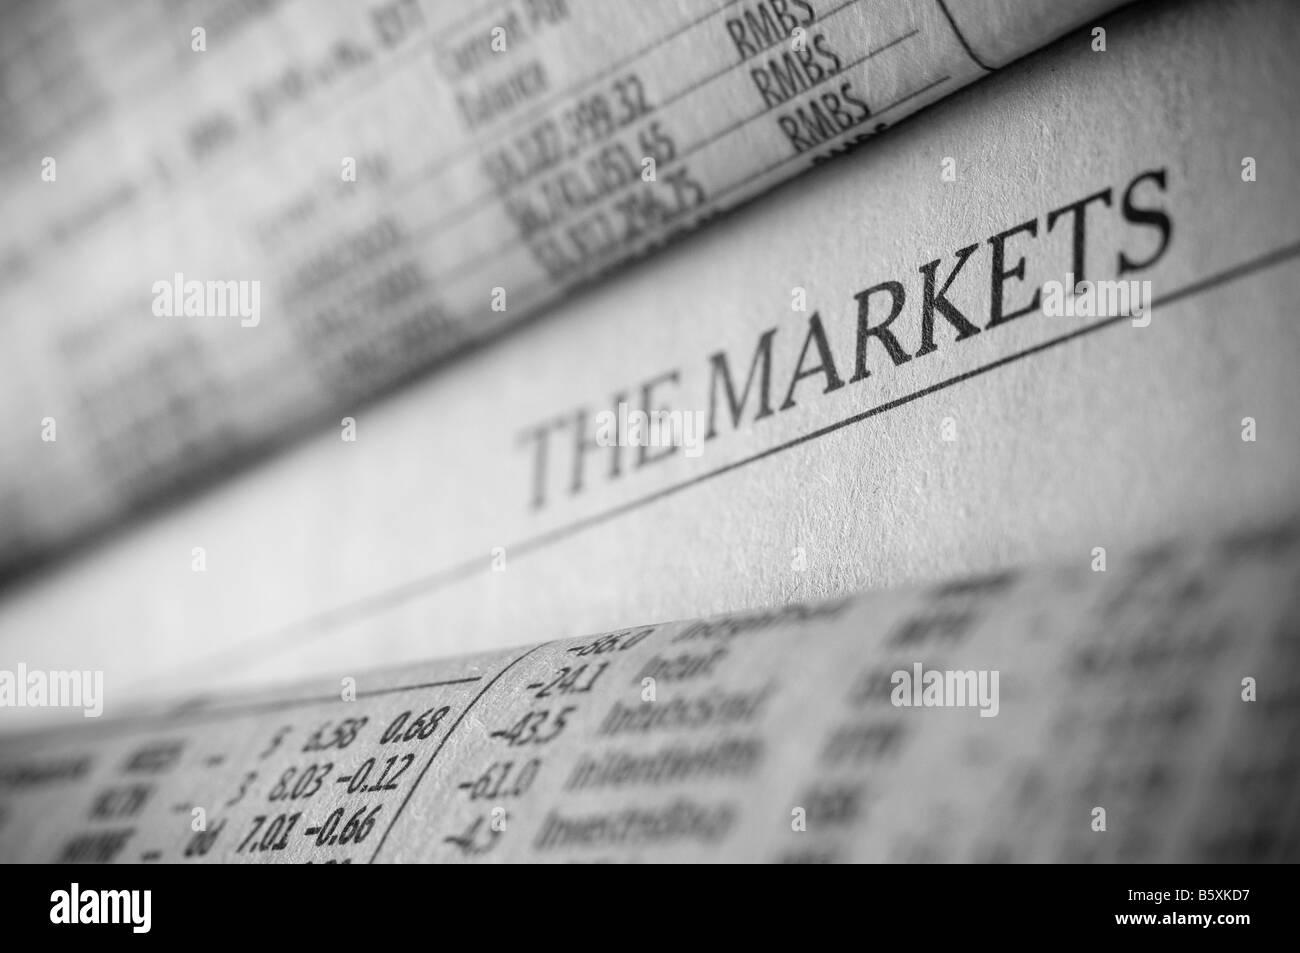 La section des affaires financières d'un journal d'investissement. Photo Stock